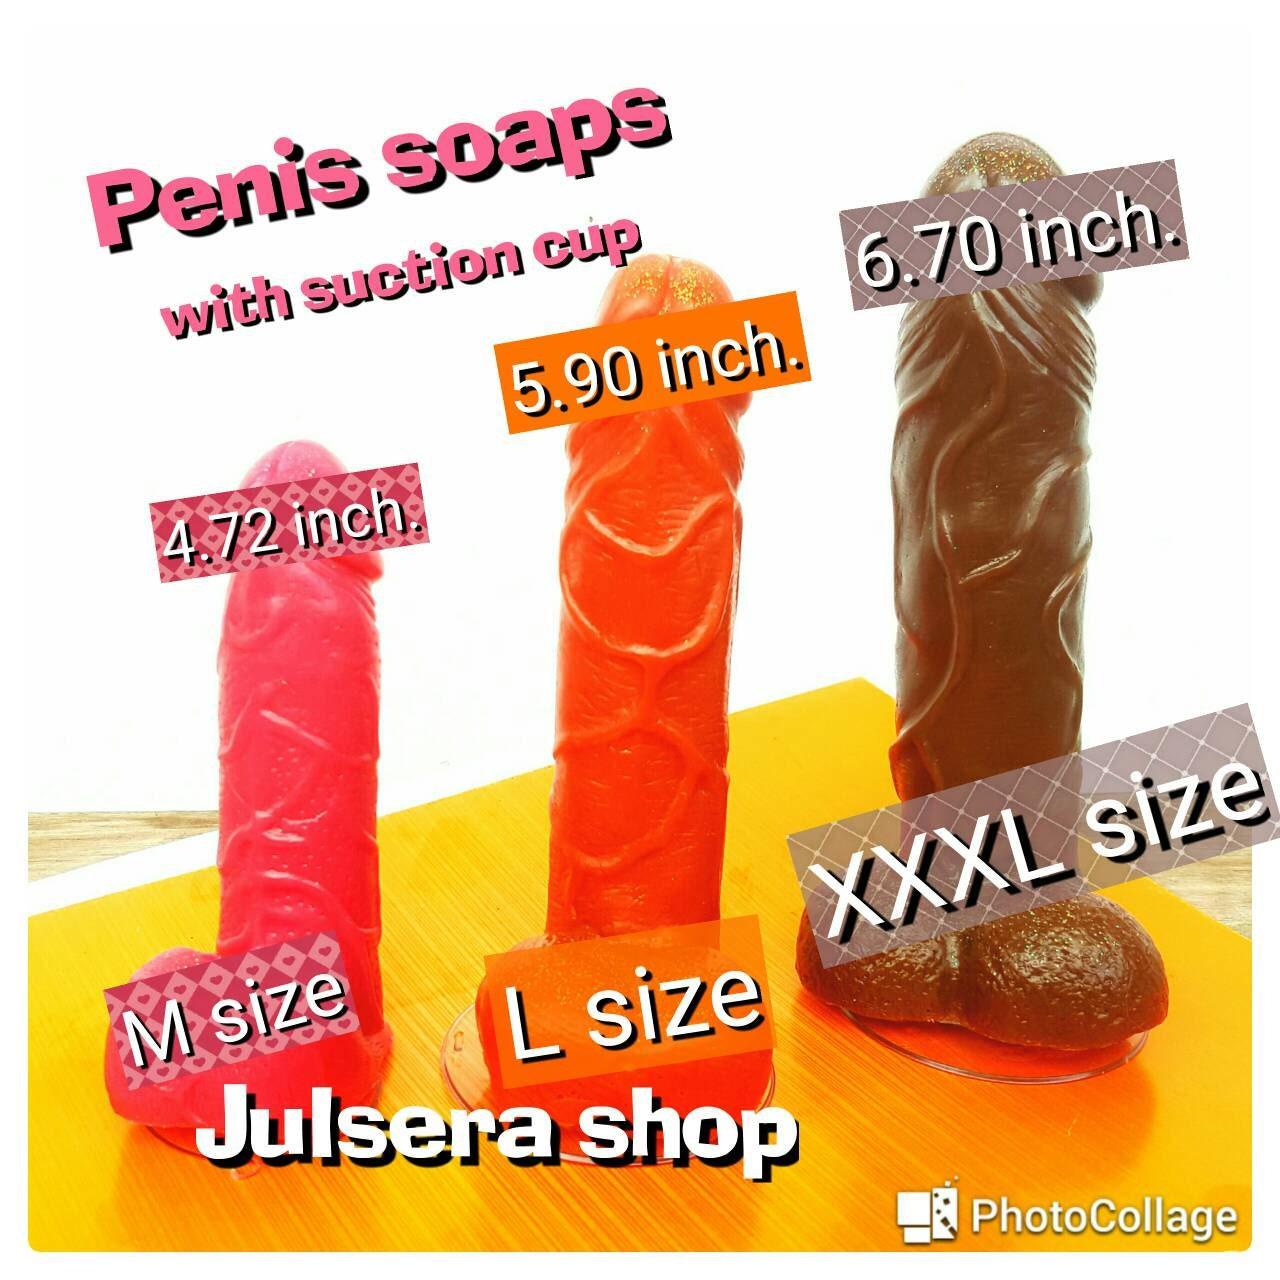 Huge Penis Size 68